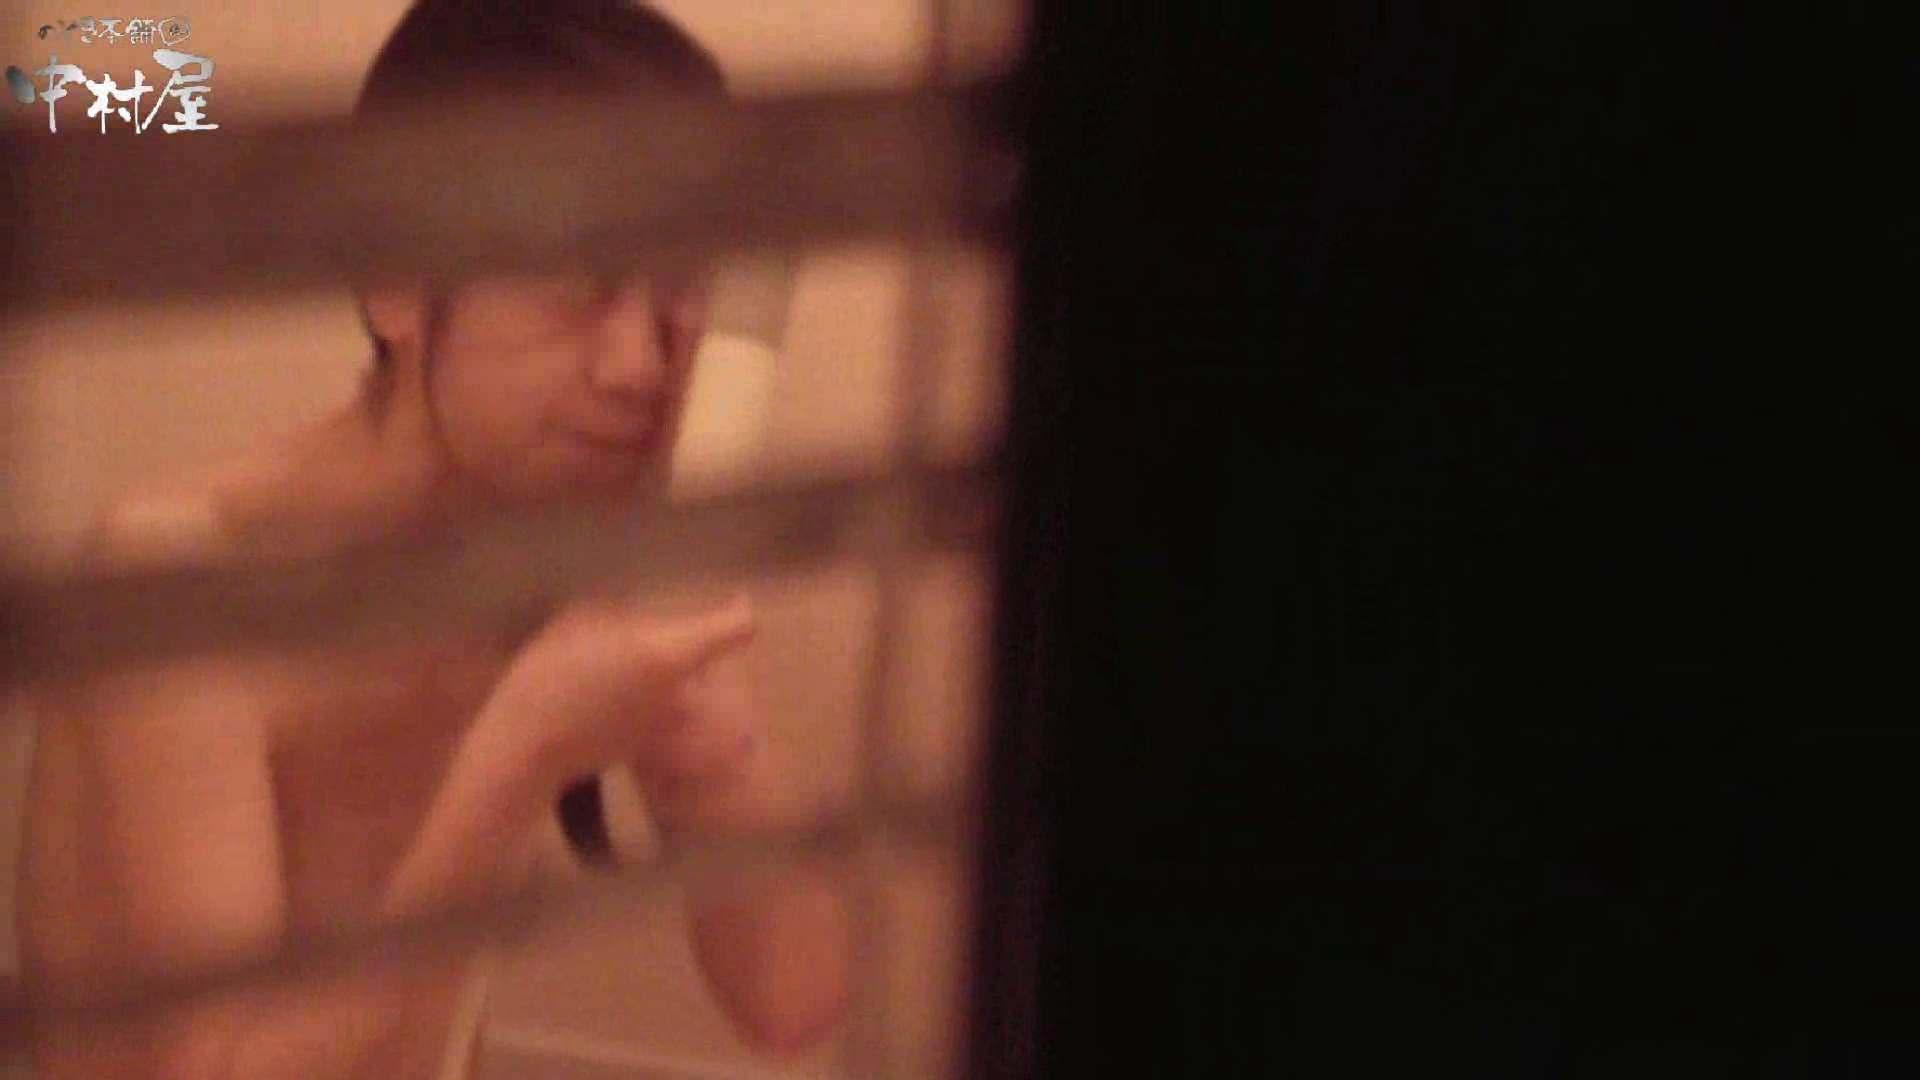 民家風呂専門盗撮師の超危険映像 vol.012 盗撮大放出 オマンコ動画キャプチャ 94連発 59